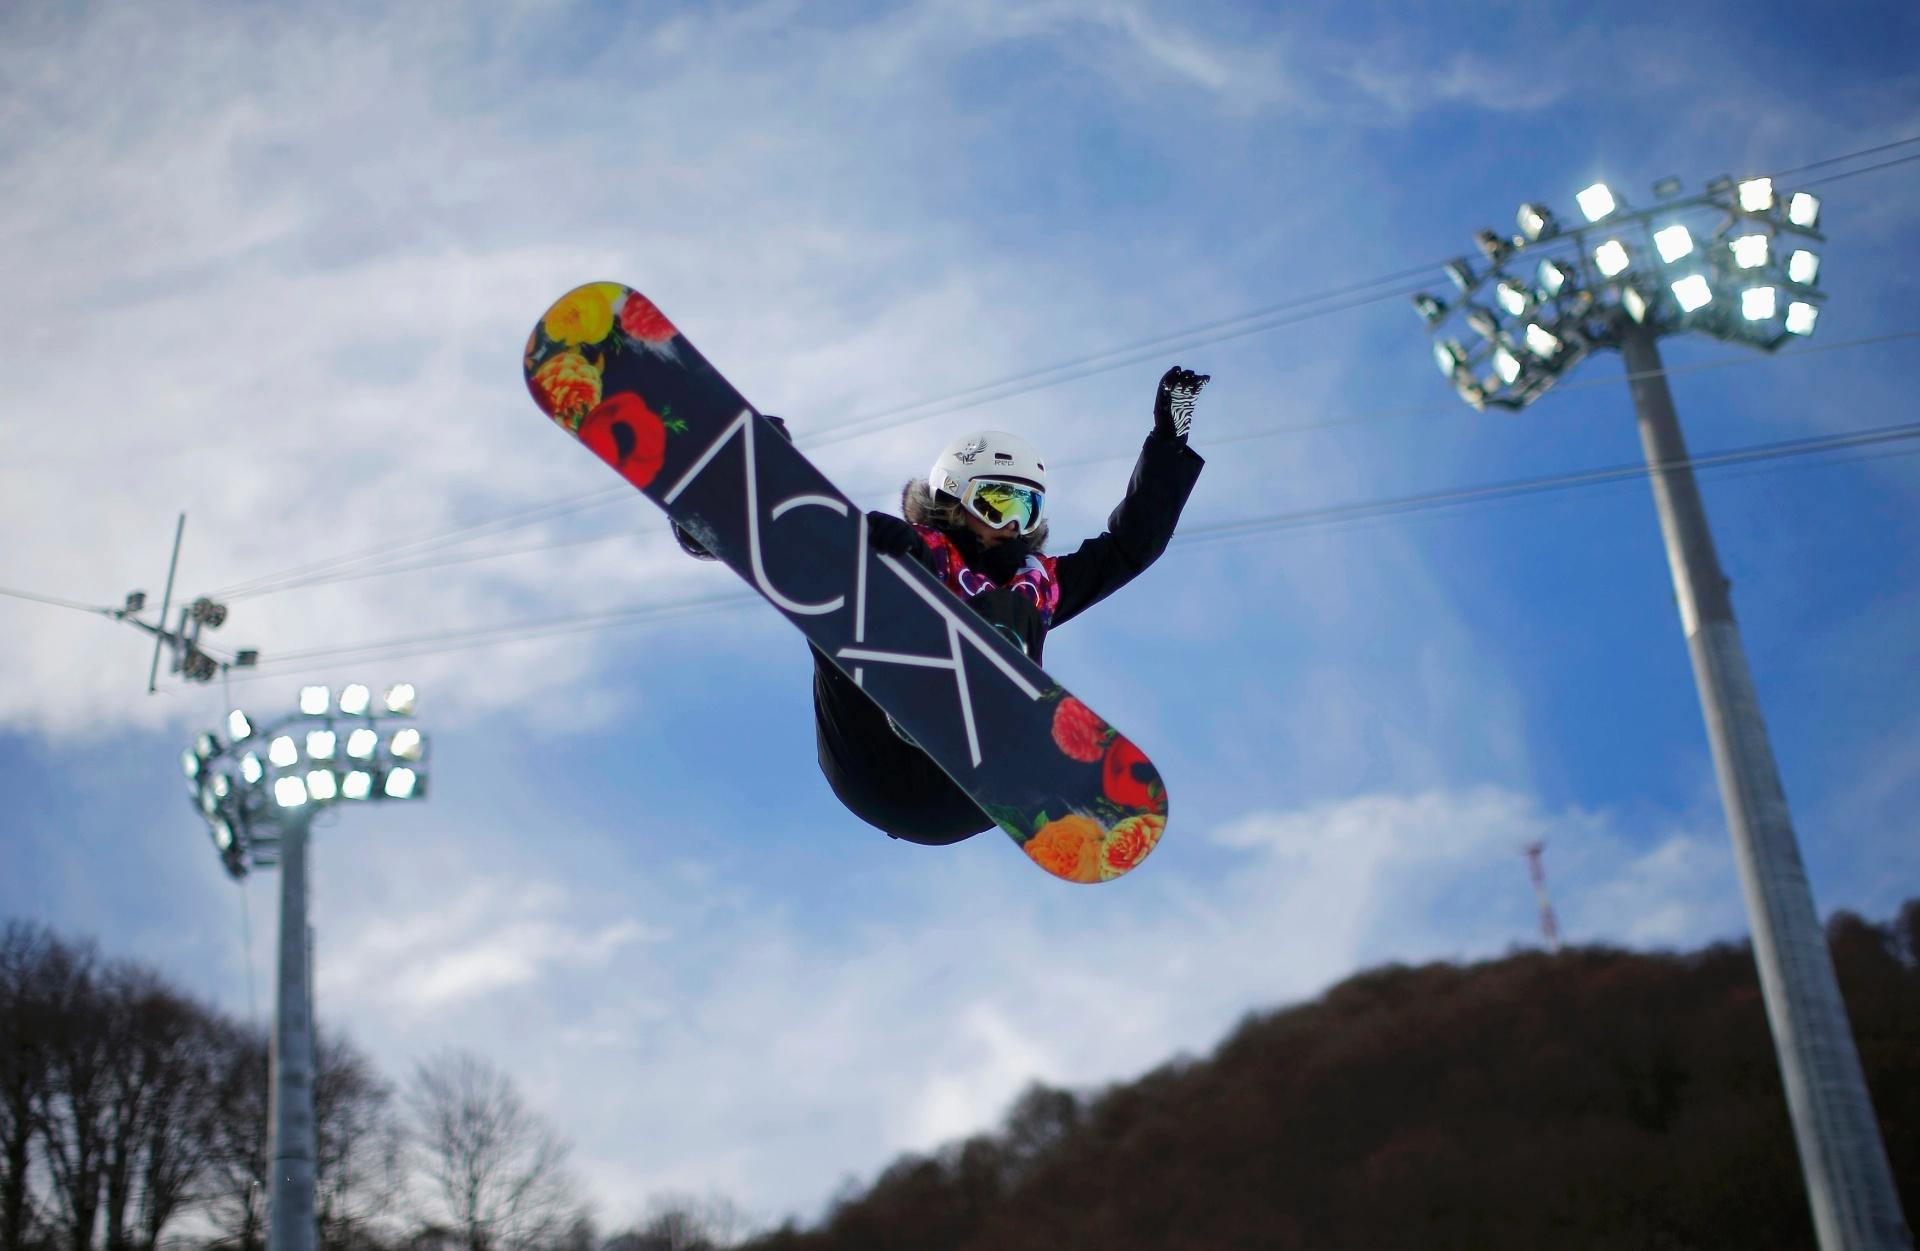 12.02.2014 - Rebecca Sinclair, da Nova Zelândia, decola em competição de snowboard nos Jogos Olímpicos de Sochi, na Rússia